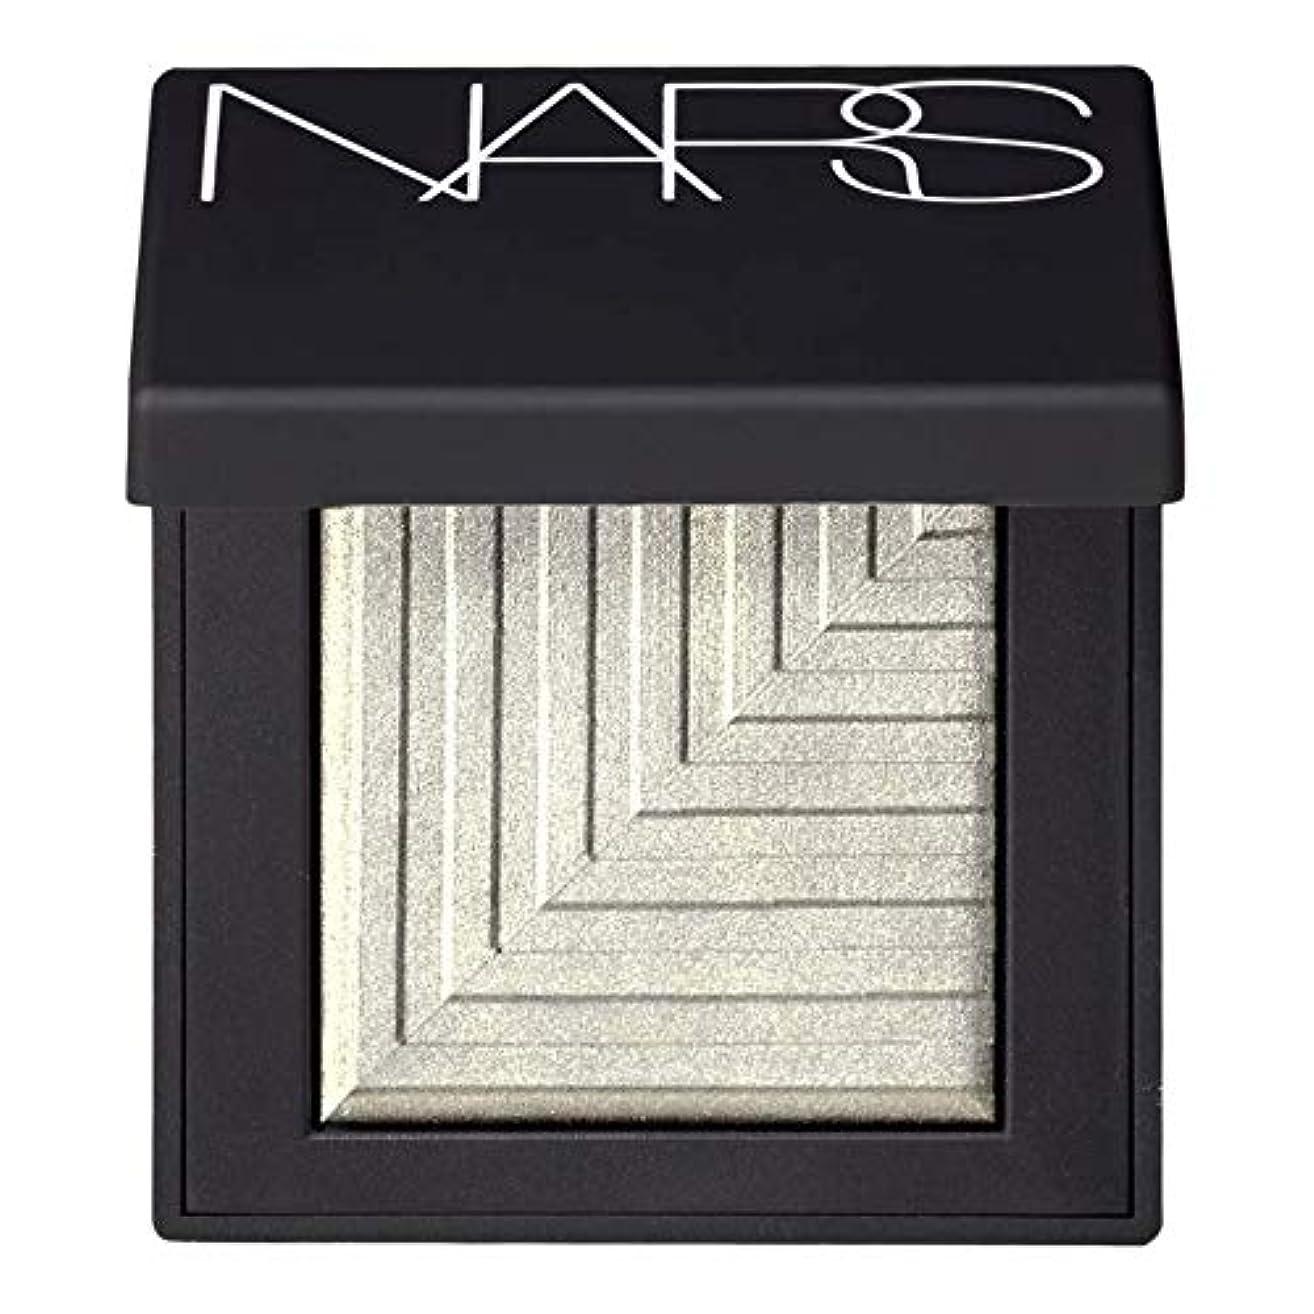 感謝するエミュレートする弁護人[NARS] Narはデュアル強度アイシャドウアンタレス - Nars Dual Intensity Eyeshadow Antares [並行輸入品]